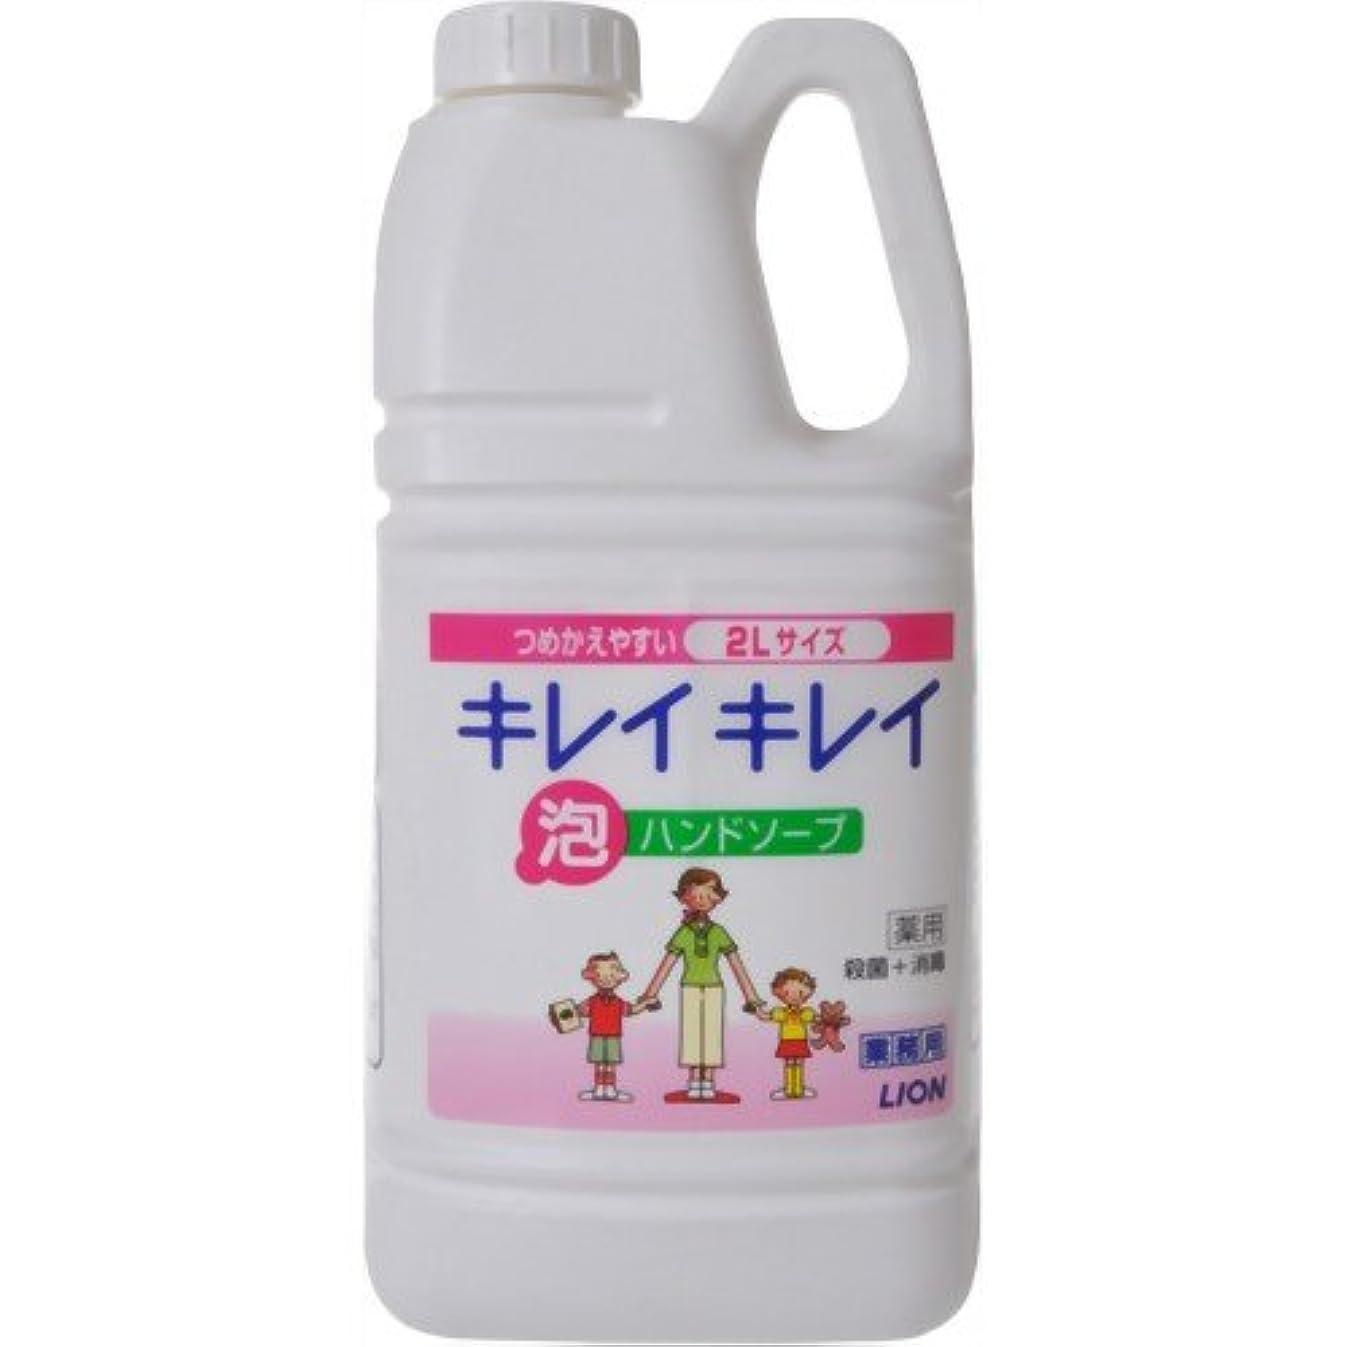 遅れ観察する関連するキレイキレイ薬用泡ハンドソープ2L(業務用)